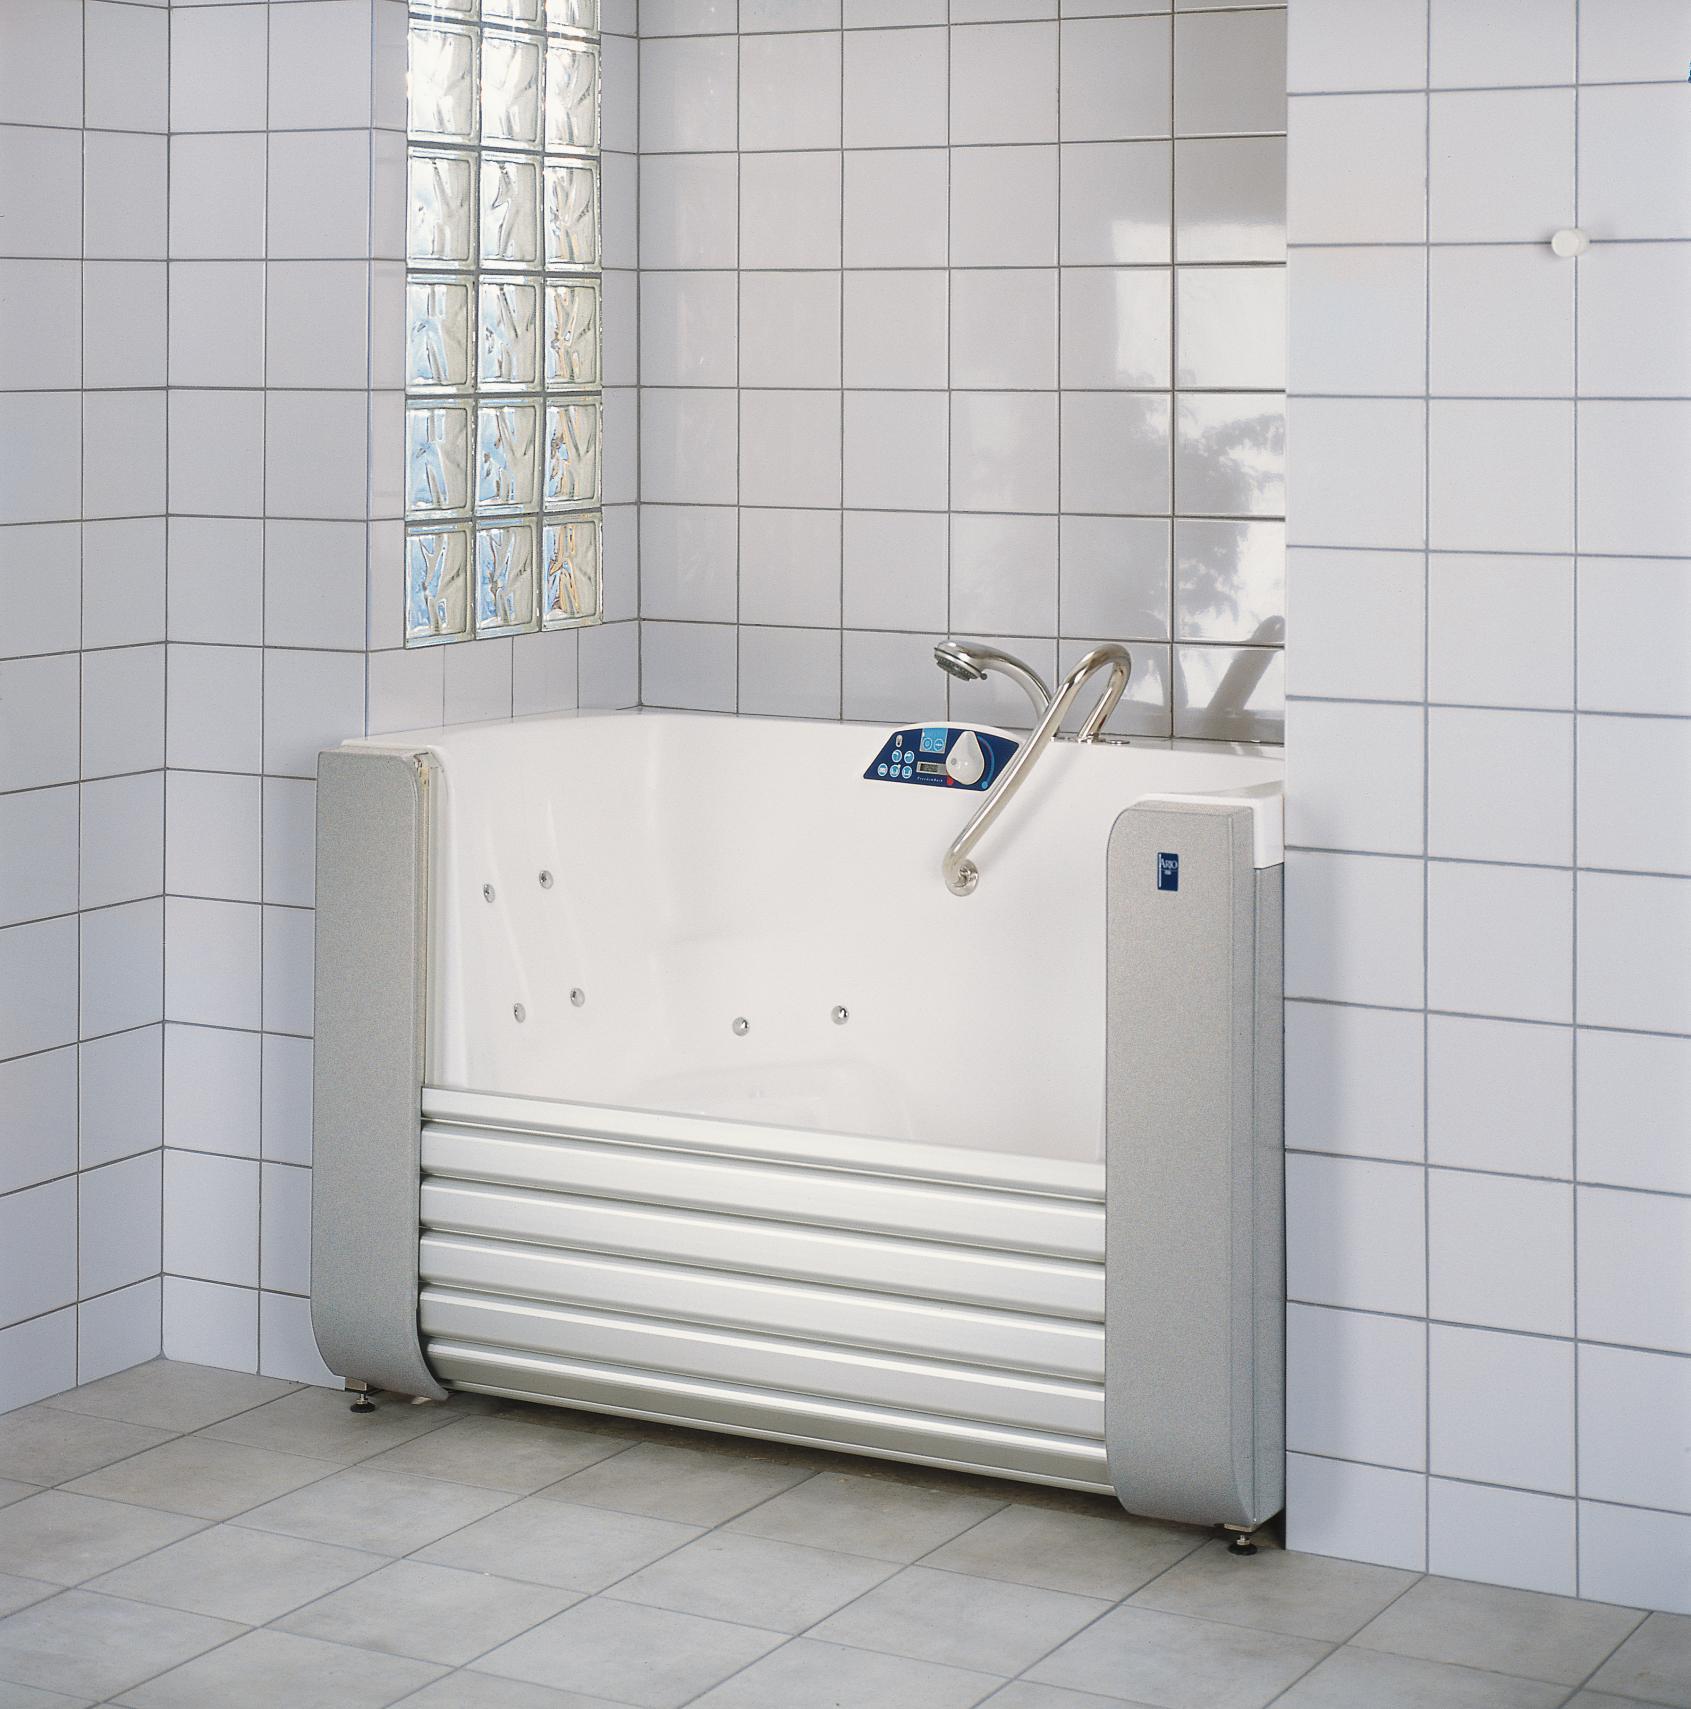 flytbart badekar Hjælpemiddelbasen   Arjo, Freedom badekar med jalousi dør fra Arjo A/S flytbart badekar